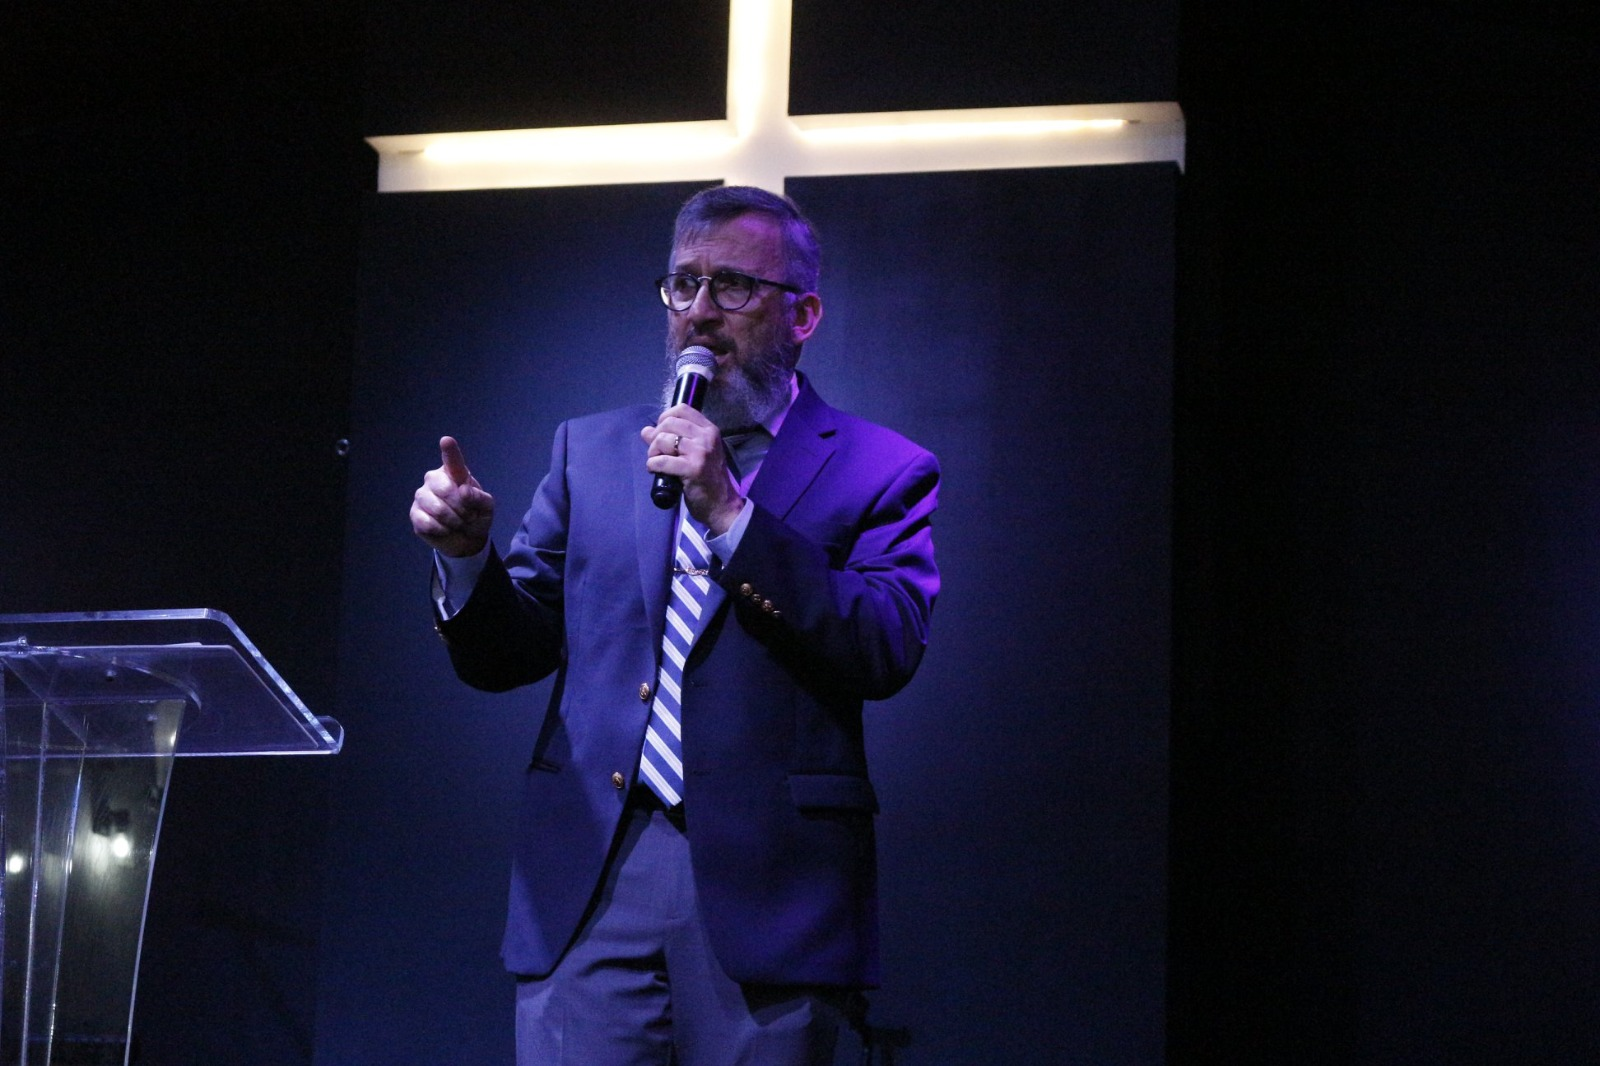 Novo desafio no caminho da fé, após 25 anos à frente da Igreja Presbiteriana Nova Esperança